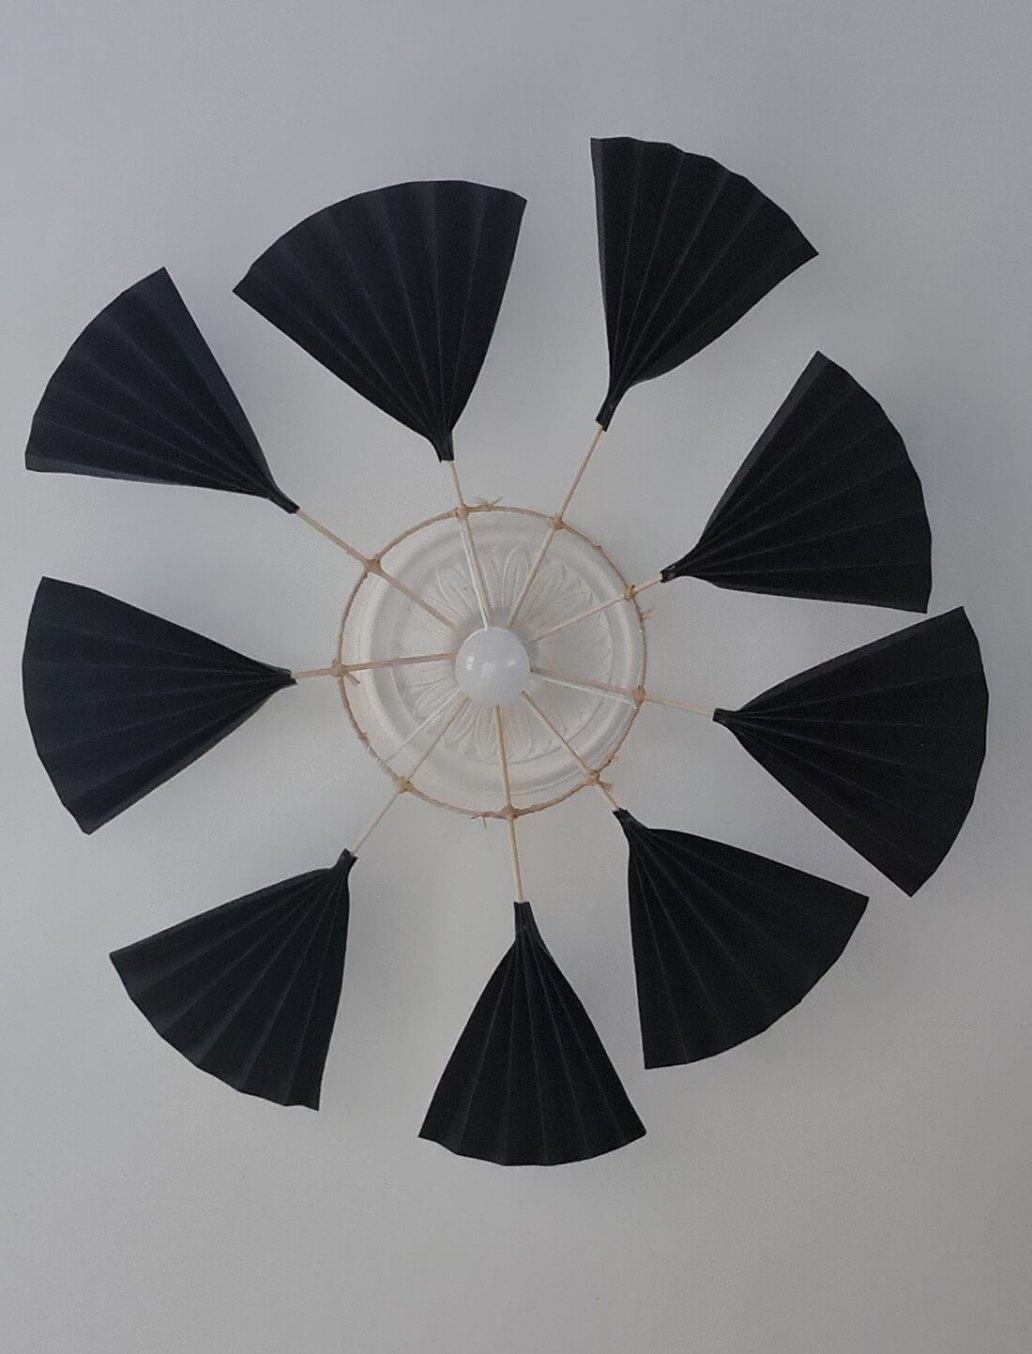 20210930 141159 - Fabriquer un lustre palmier avec des feuilles en papier